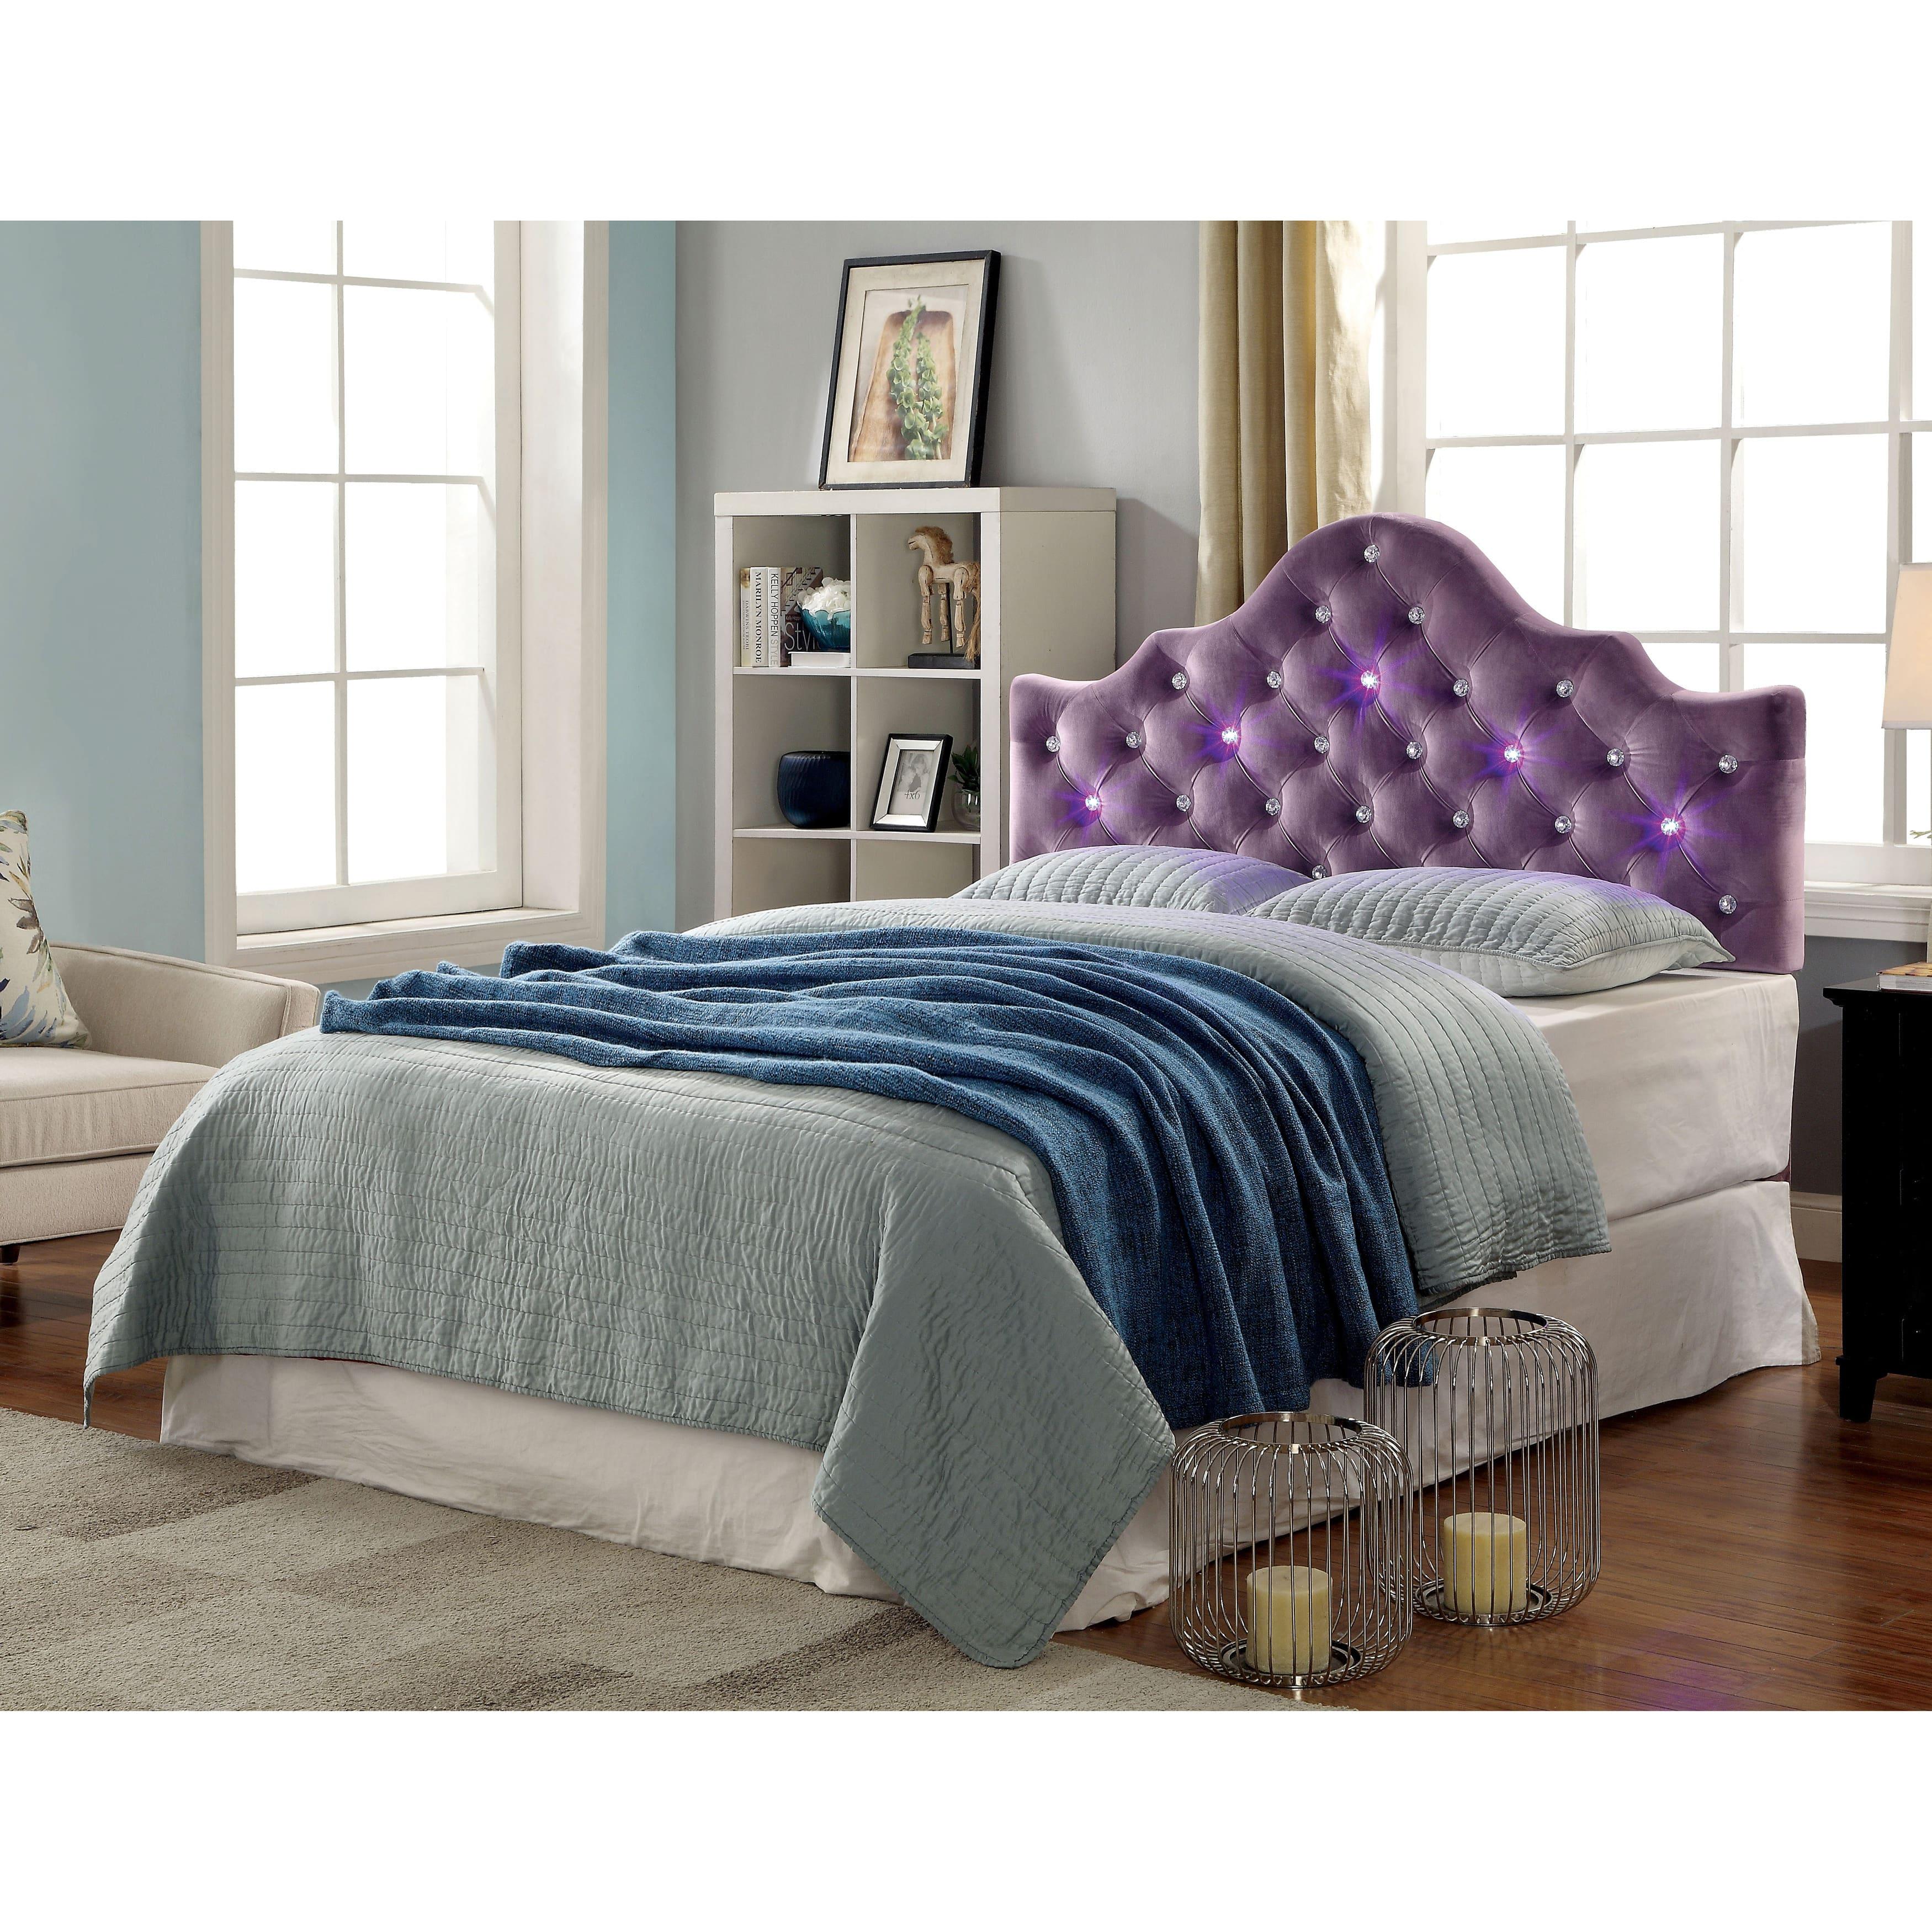 Home Goods Bedroom Furniture: Buy Headboards Online At Overstock